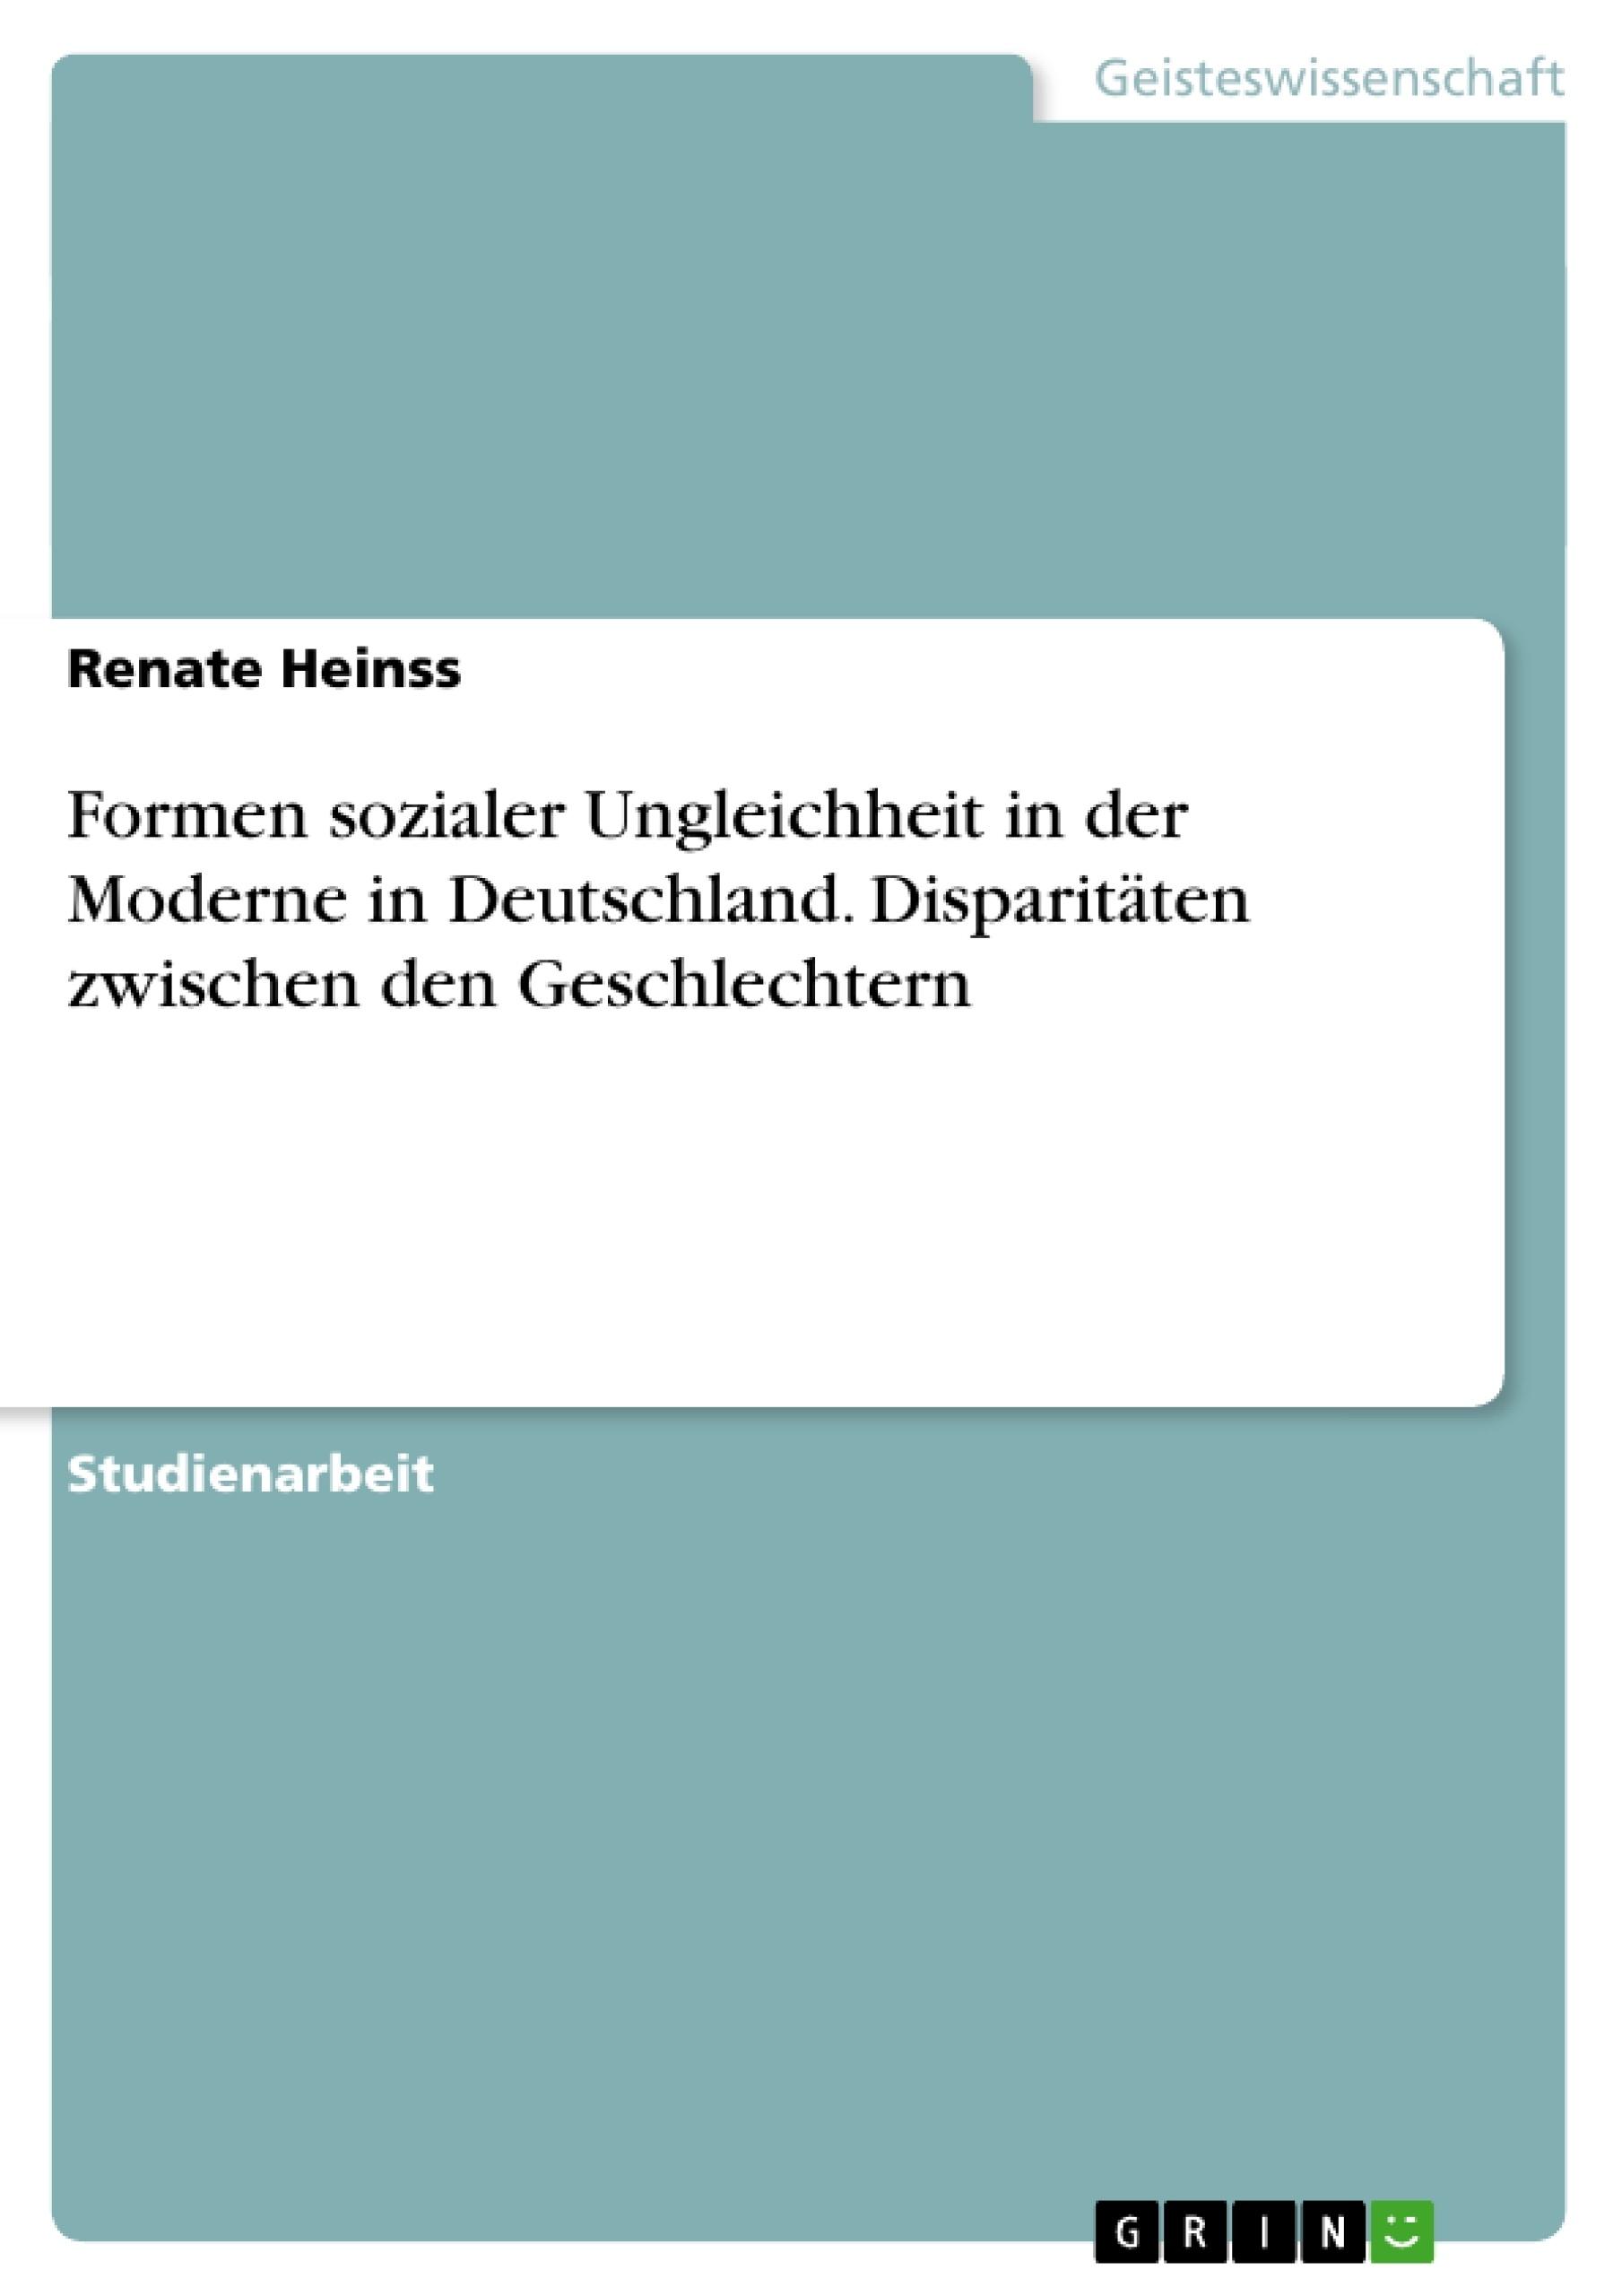 Titel: Formen sozialer Ungleichheit in der Moderne in Deutschland. Disparitäten zwischen den Geschlechtern